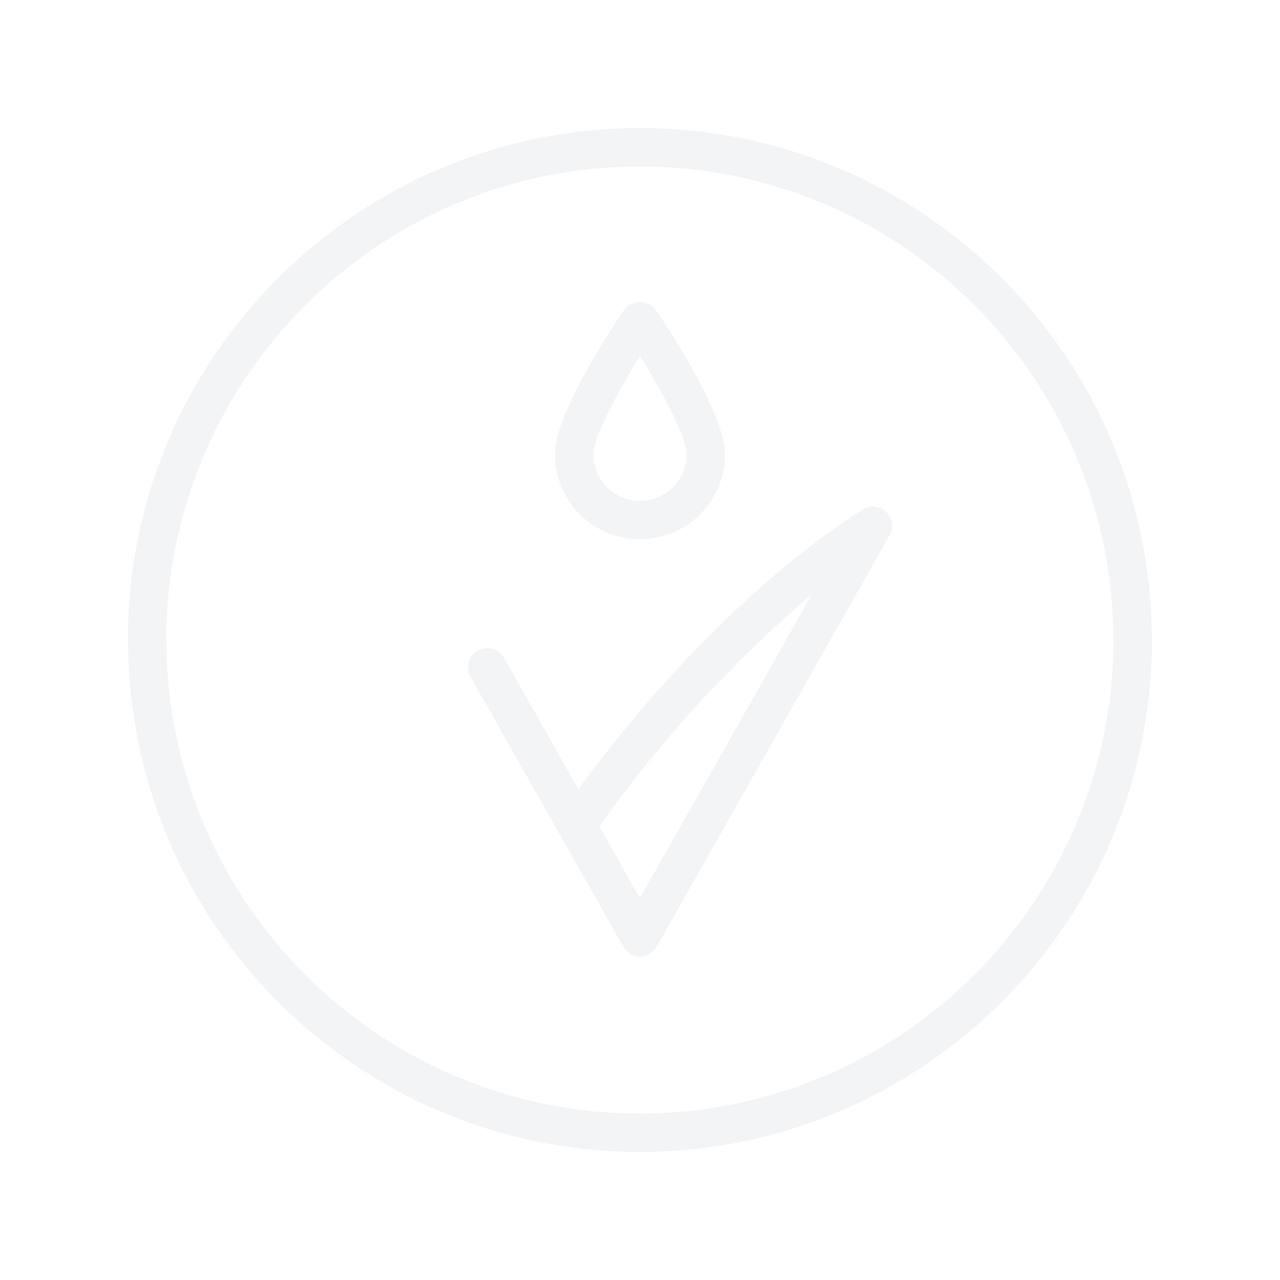 IDUN Minerals Eyebrow Pencil Björk 1.2g